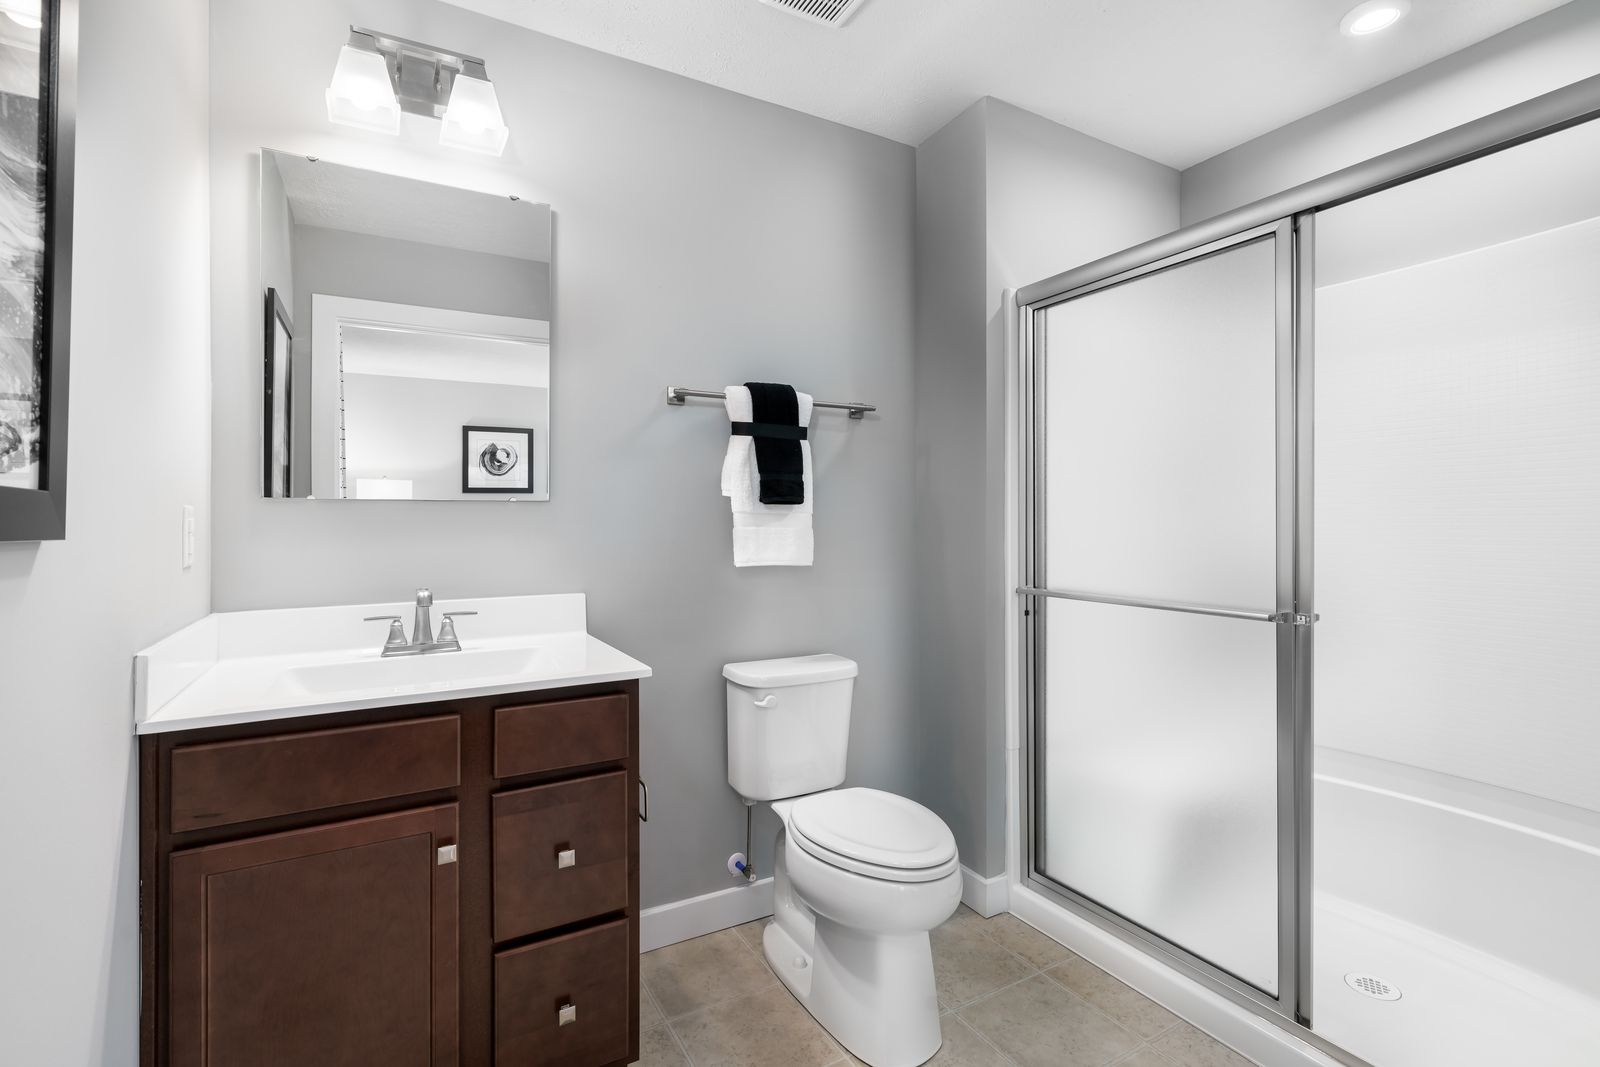 Bathroom featured in the Aruba Bay By Ryan Homes in Dover, DE